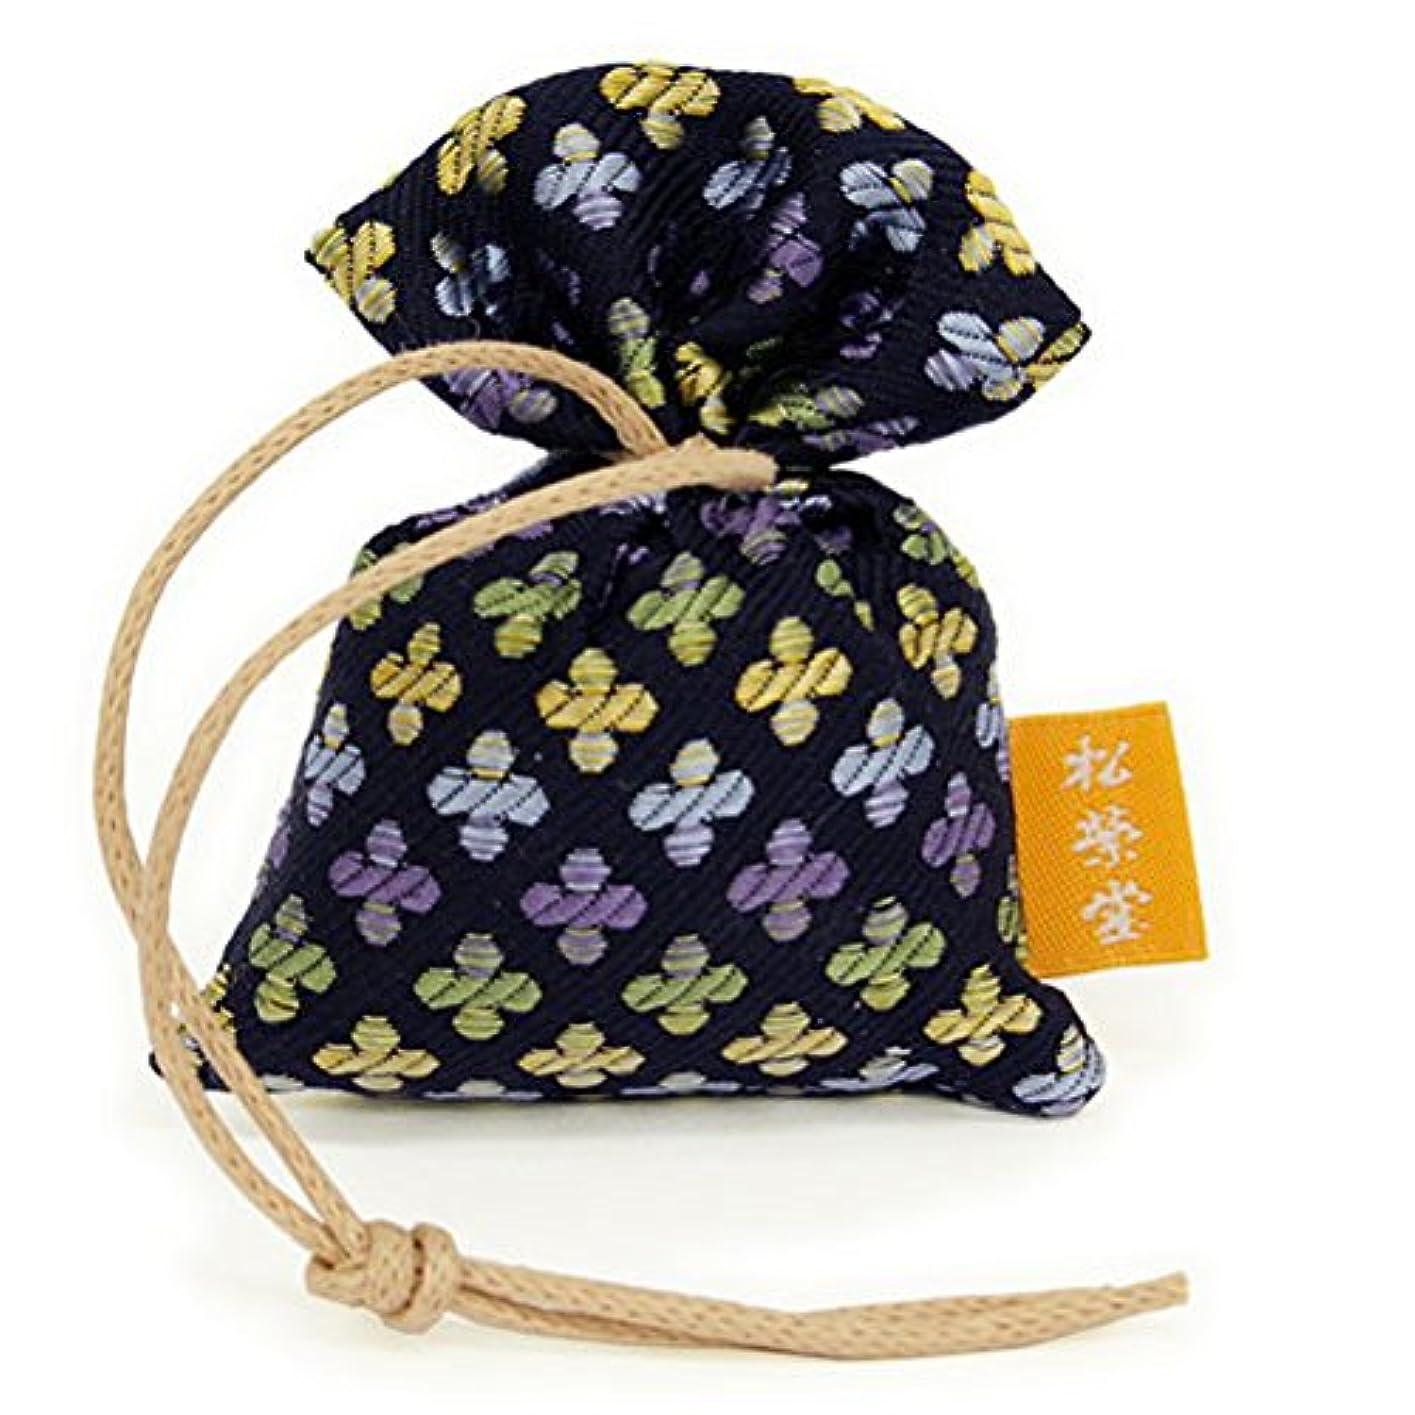 間接的極地ビン匂い袋 誰が袖 薫 かおる 1個入 松栄堂 Shoyeido 本体長さ60mm (色?柄は選べません)